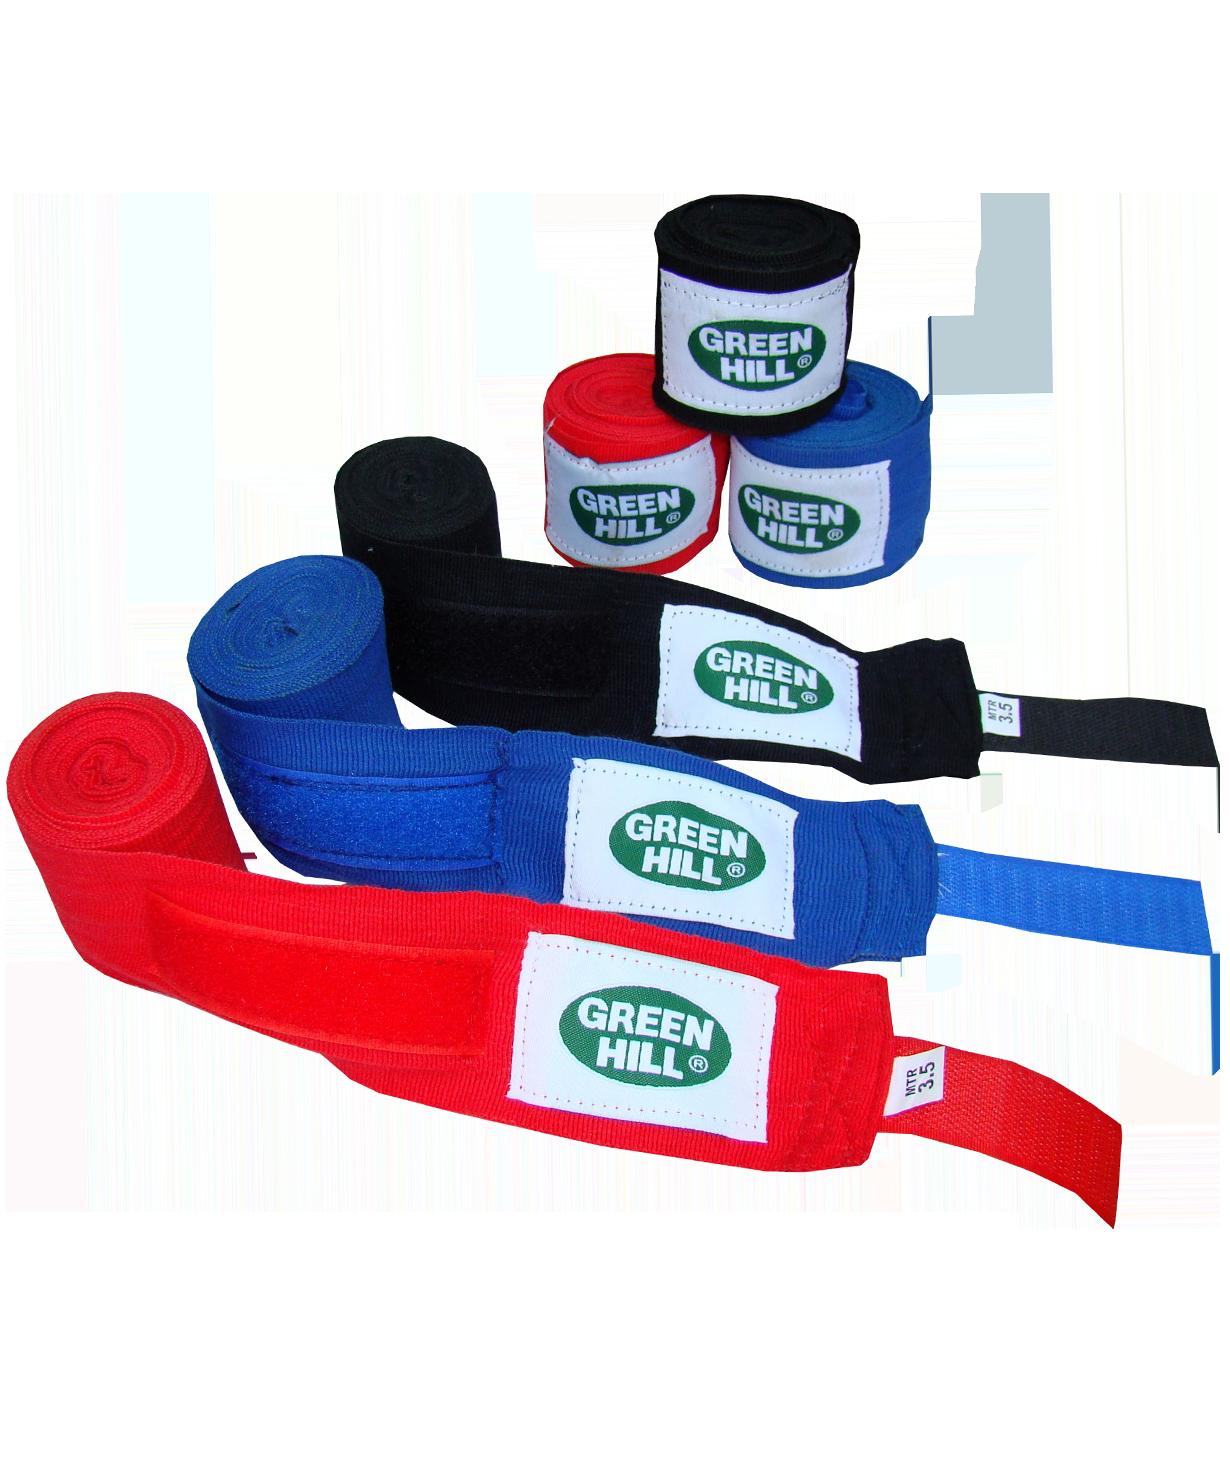 Как выбрать боксерские перчатки для